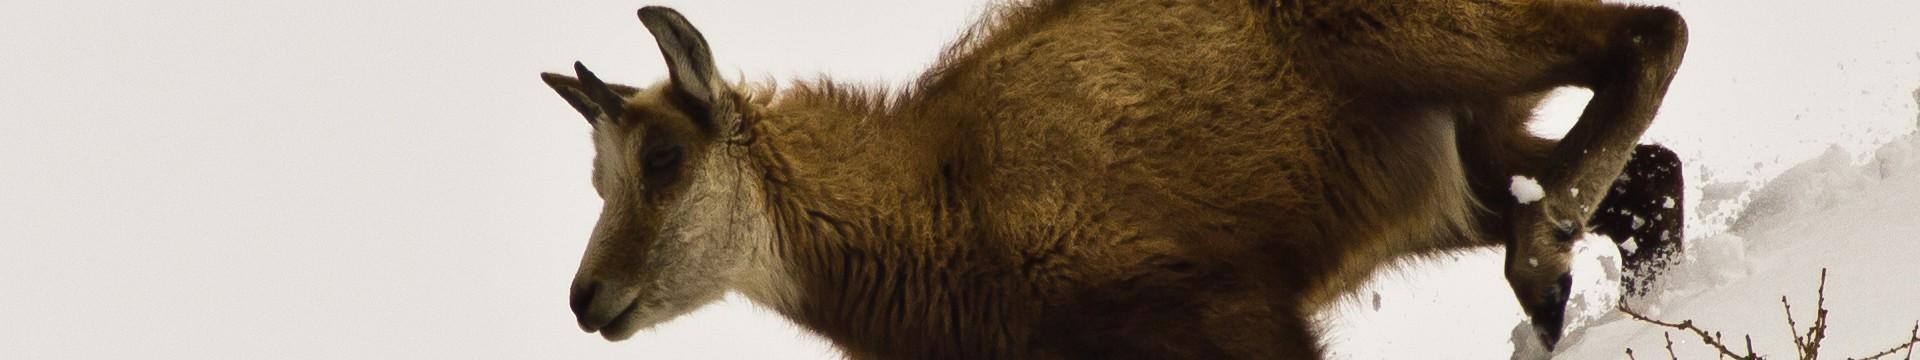 animaux-parc-01-8878